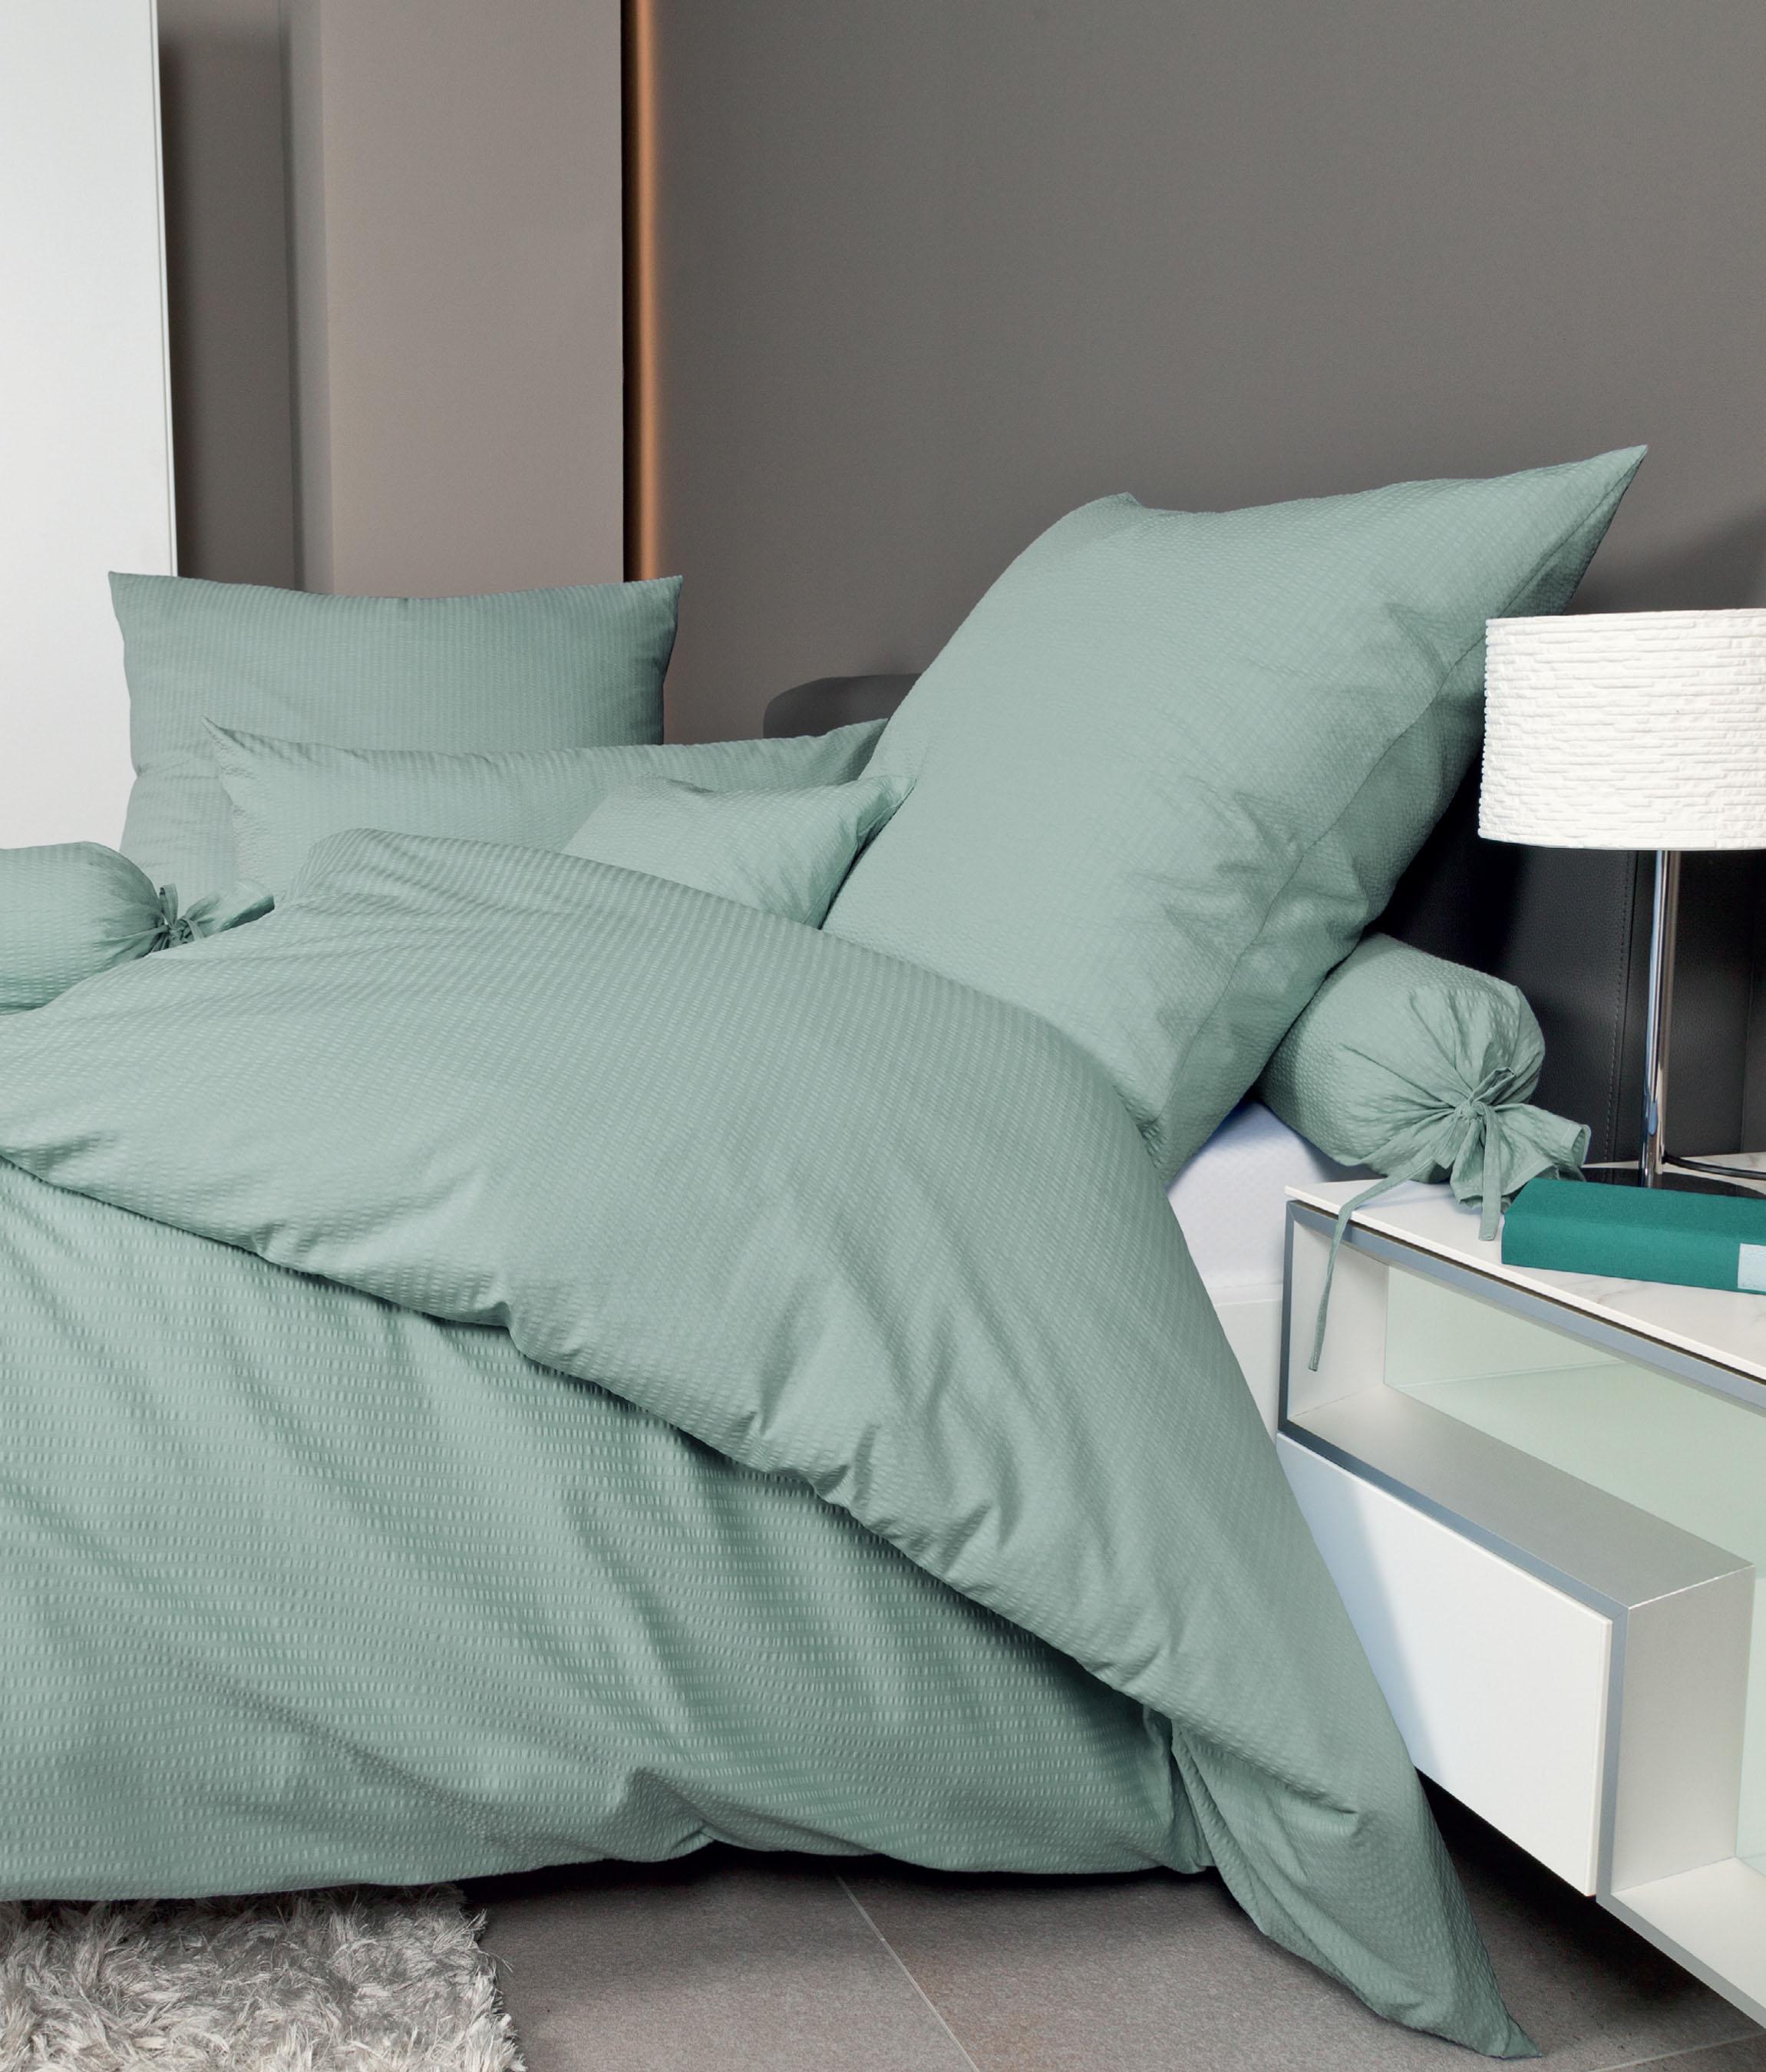 bettw sche piano 0125 janine sonja kratzer. Black Bedroom Furniture Sets. Home Design Ideas